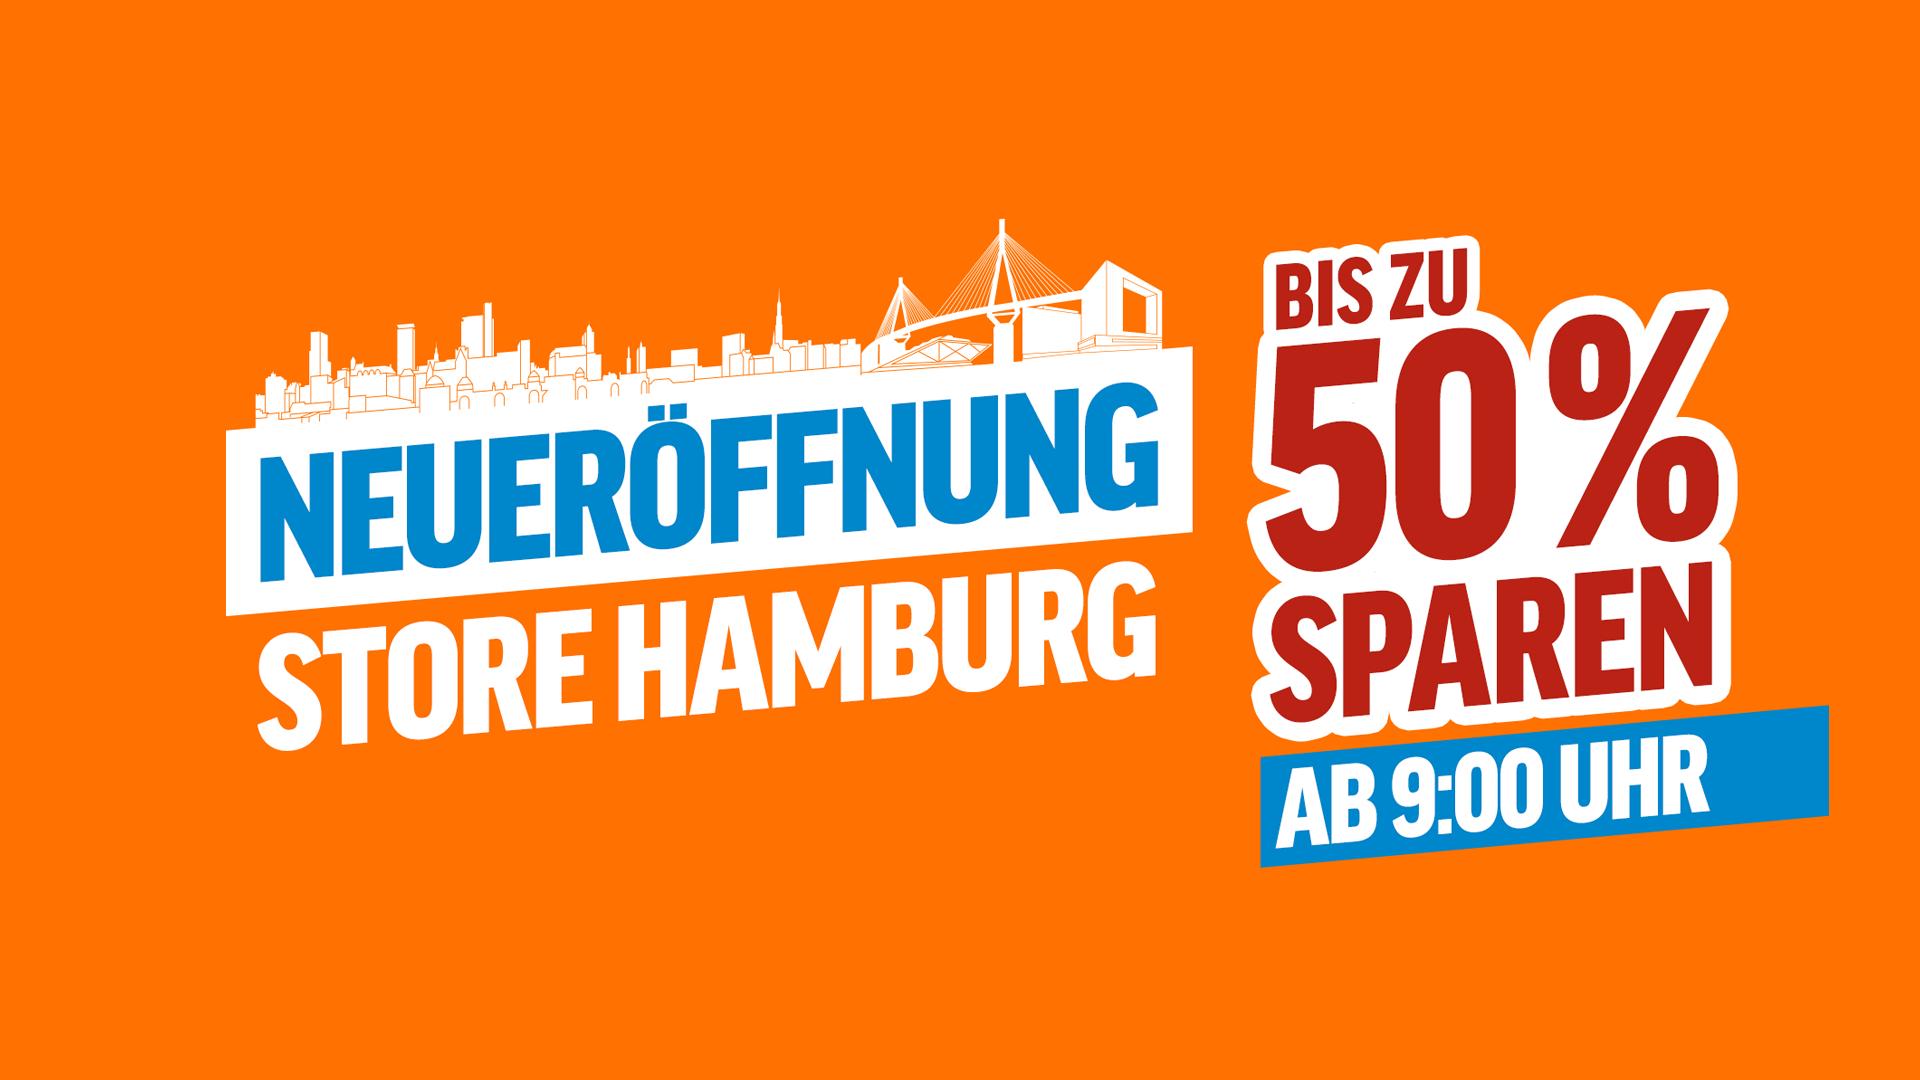 [Lokal] Hamburg NBB Store Neueröffnung -> 50% Rabatt zum Online-Preis! (Sammeldeal)